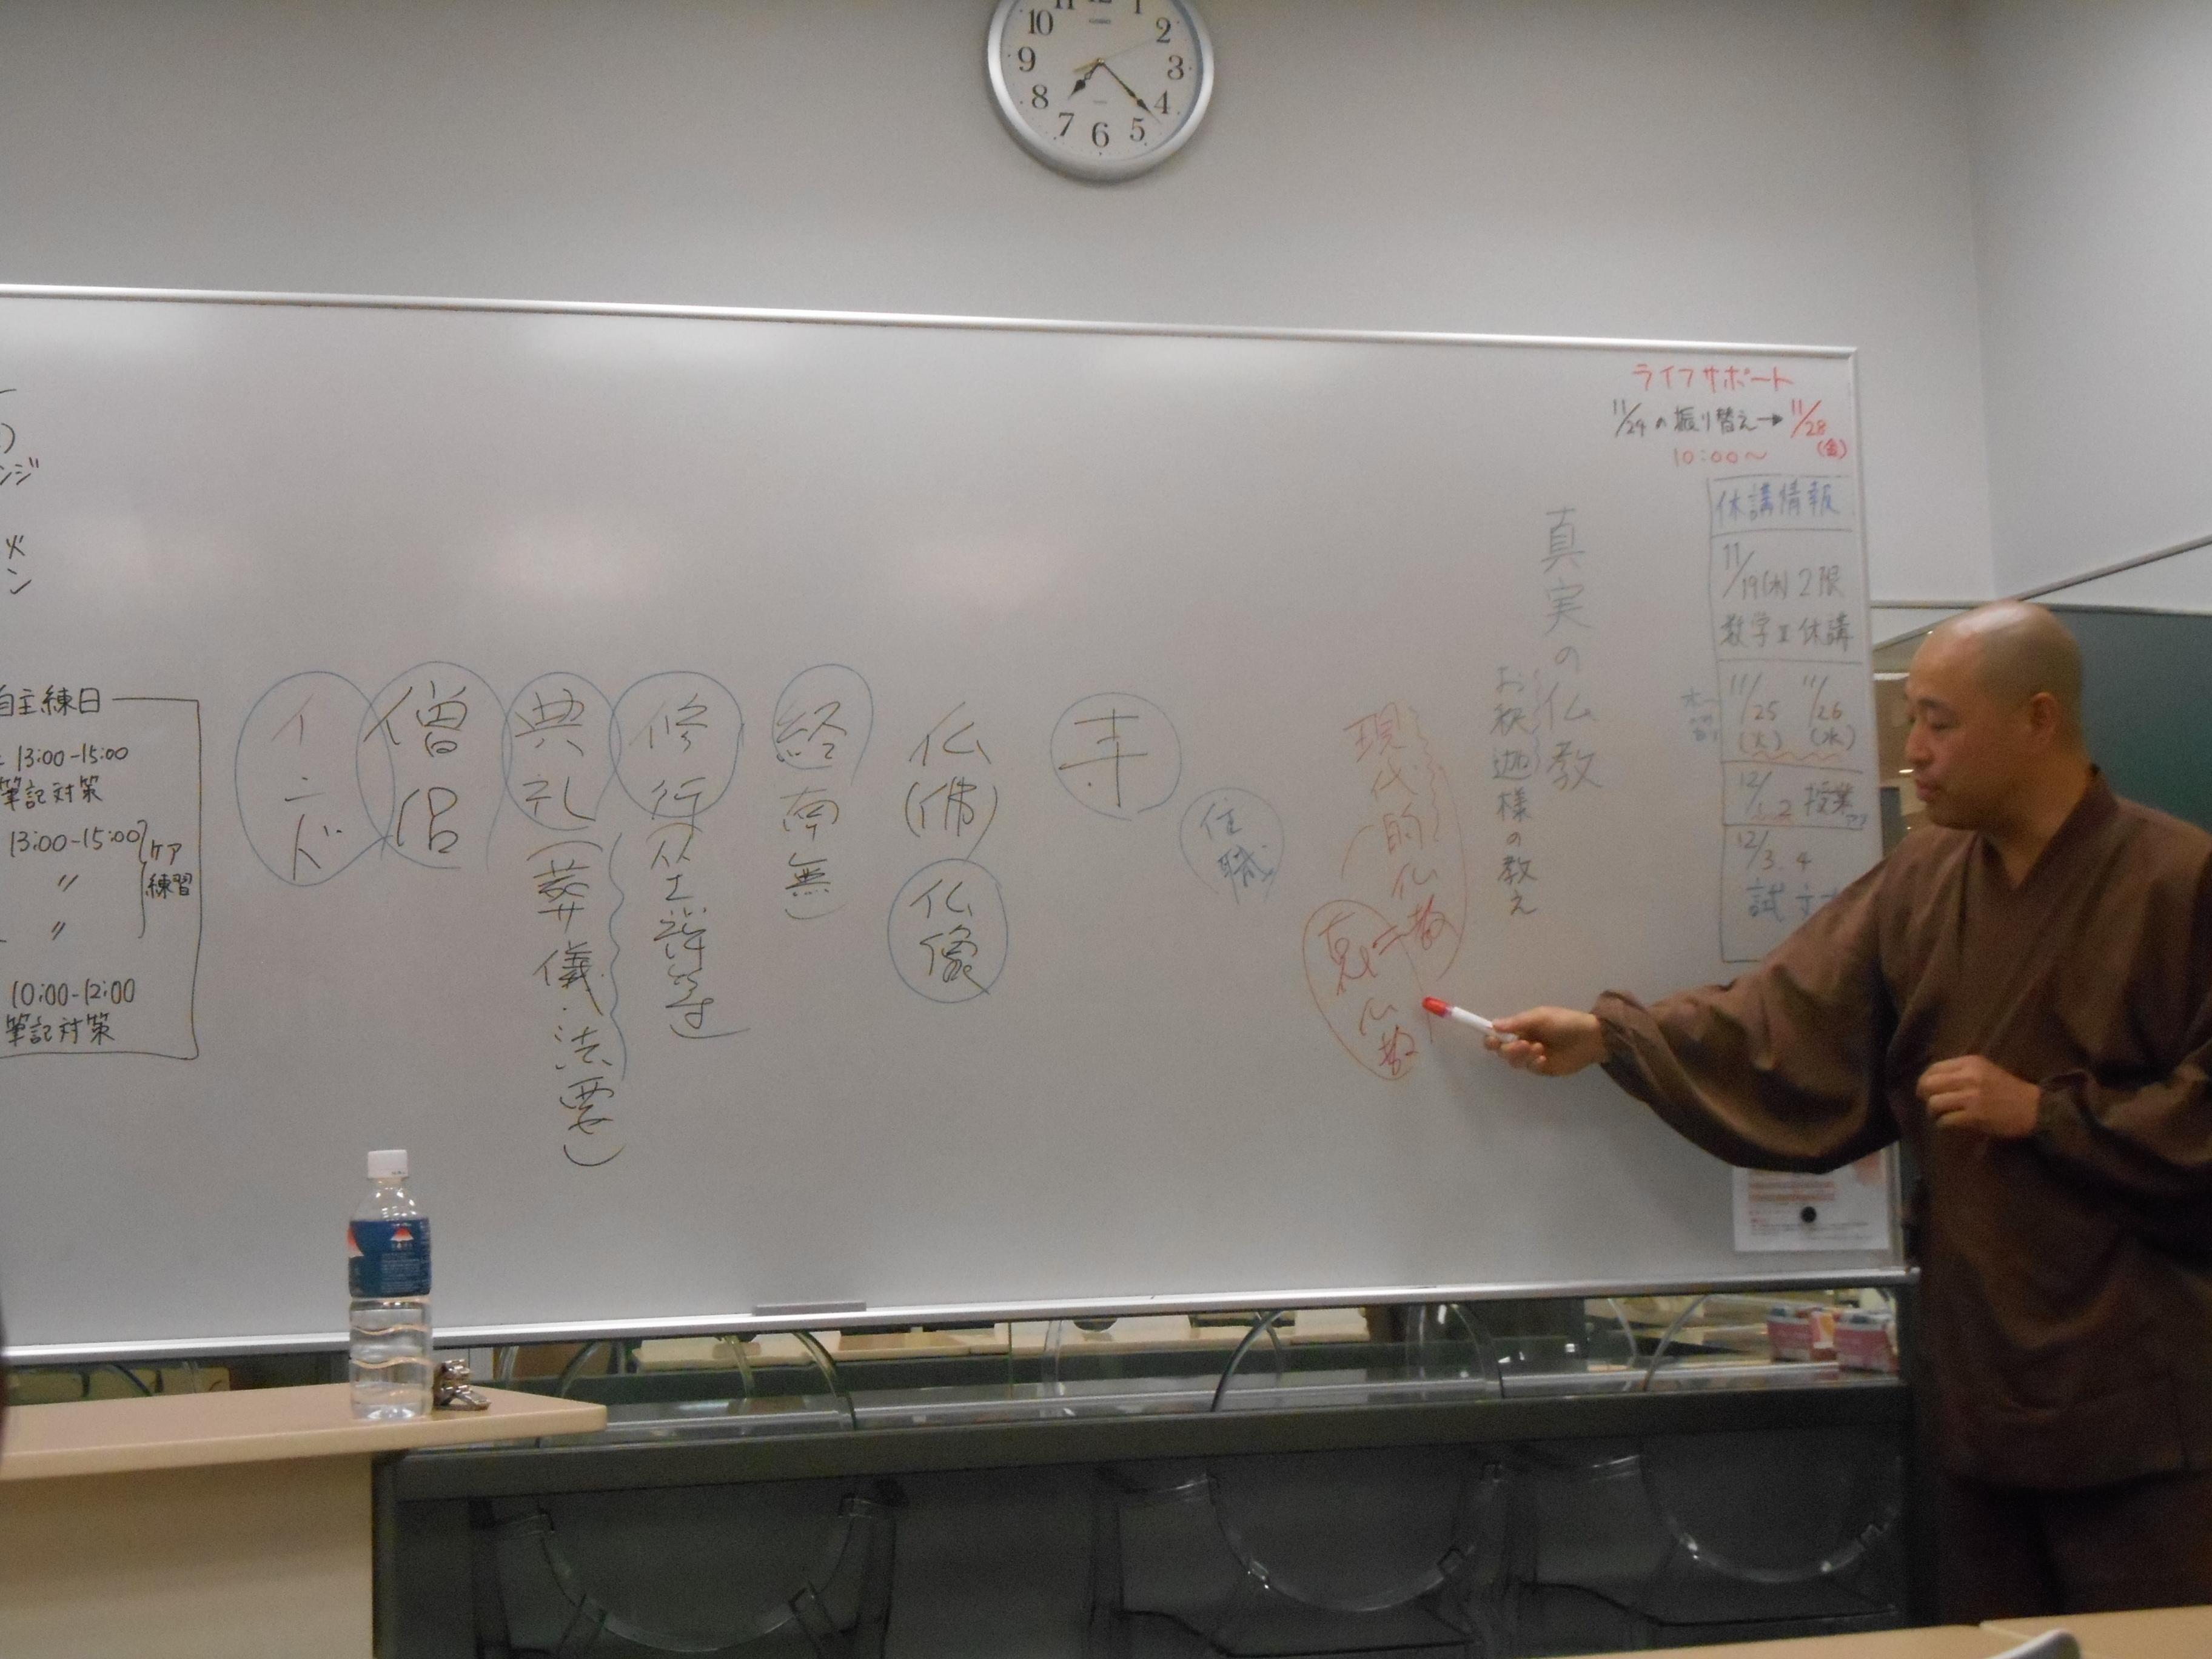 DSCN2269 - 4月8日灌仏会(かんぶつえ)【誕生を祝う仏教行事】